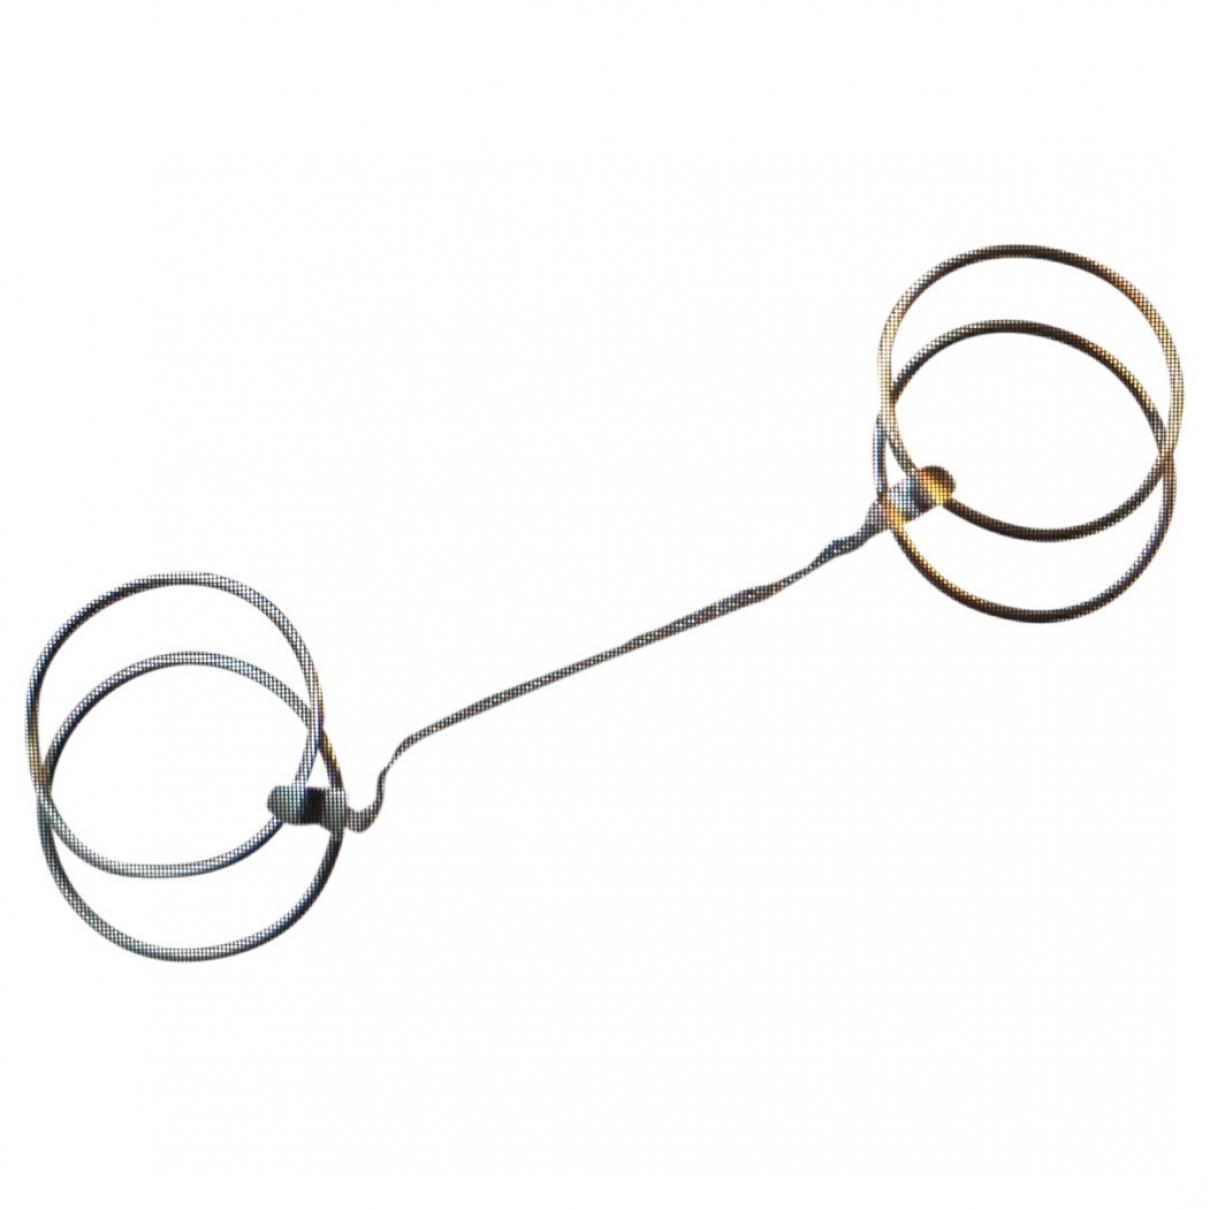 Maria Black \N Silver Metal ring for Women P UK